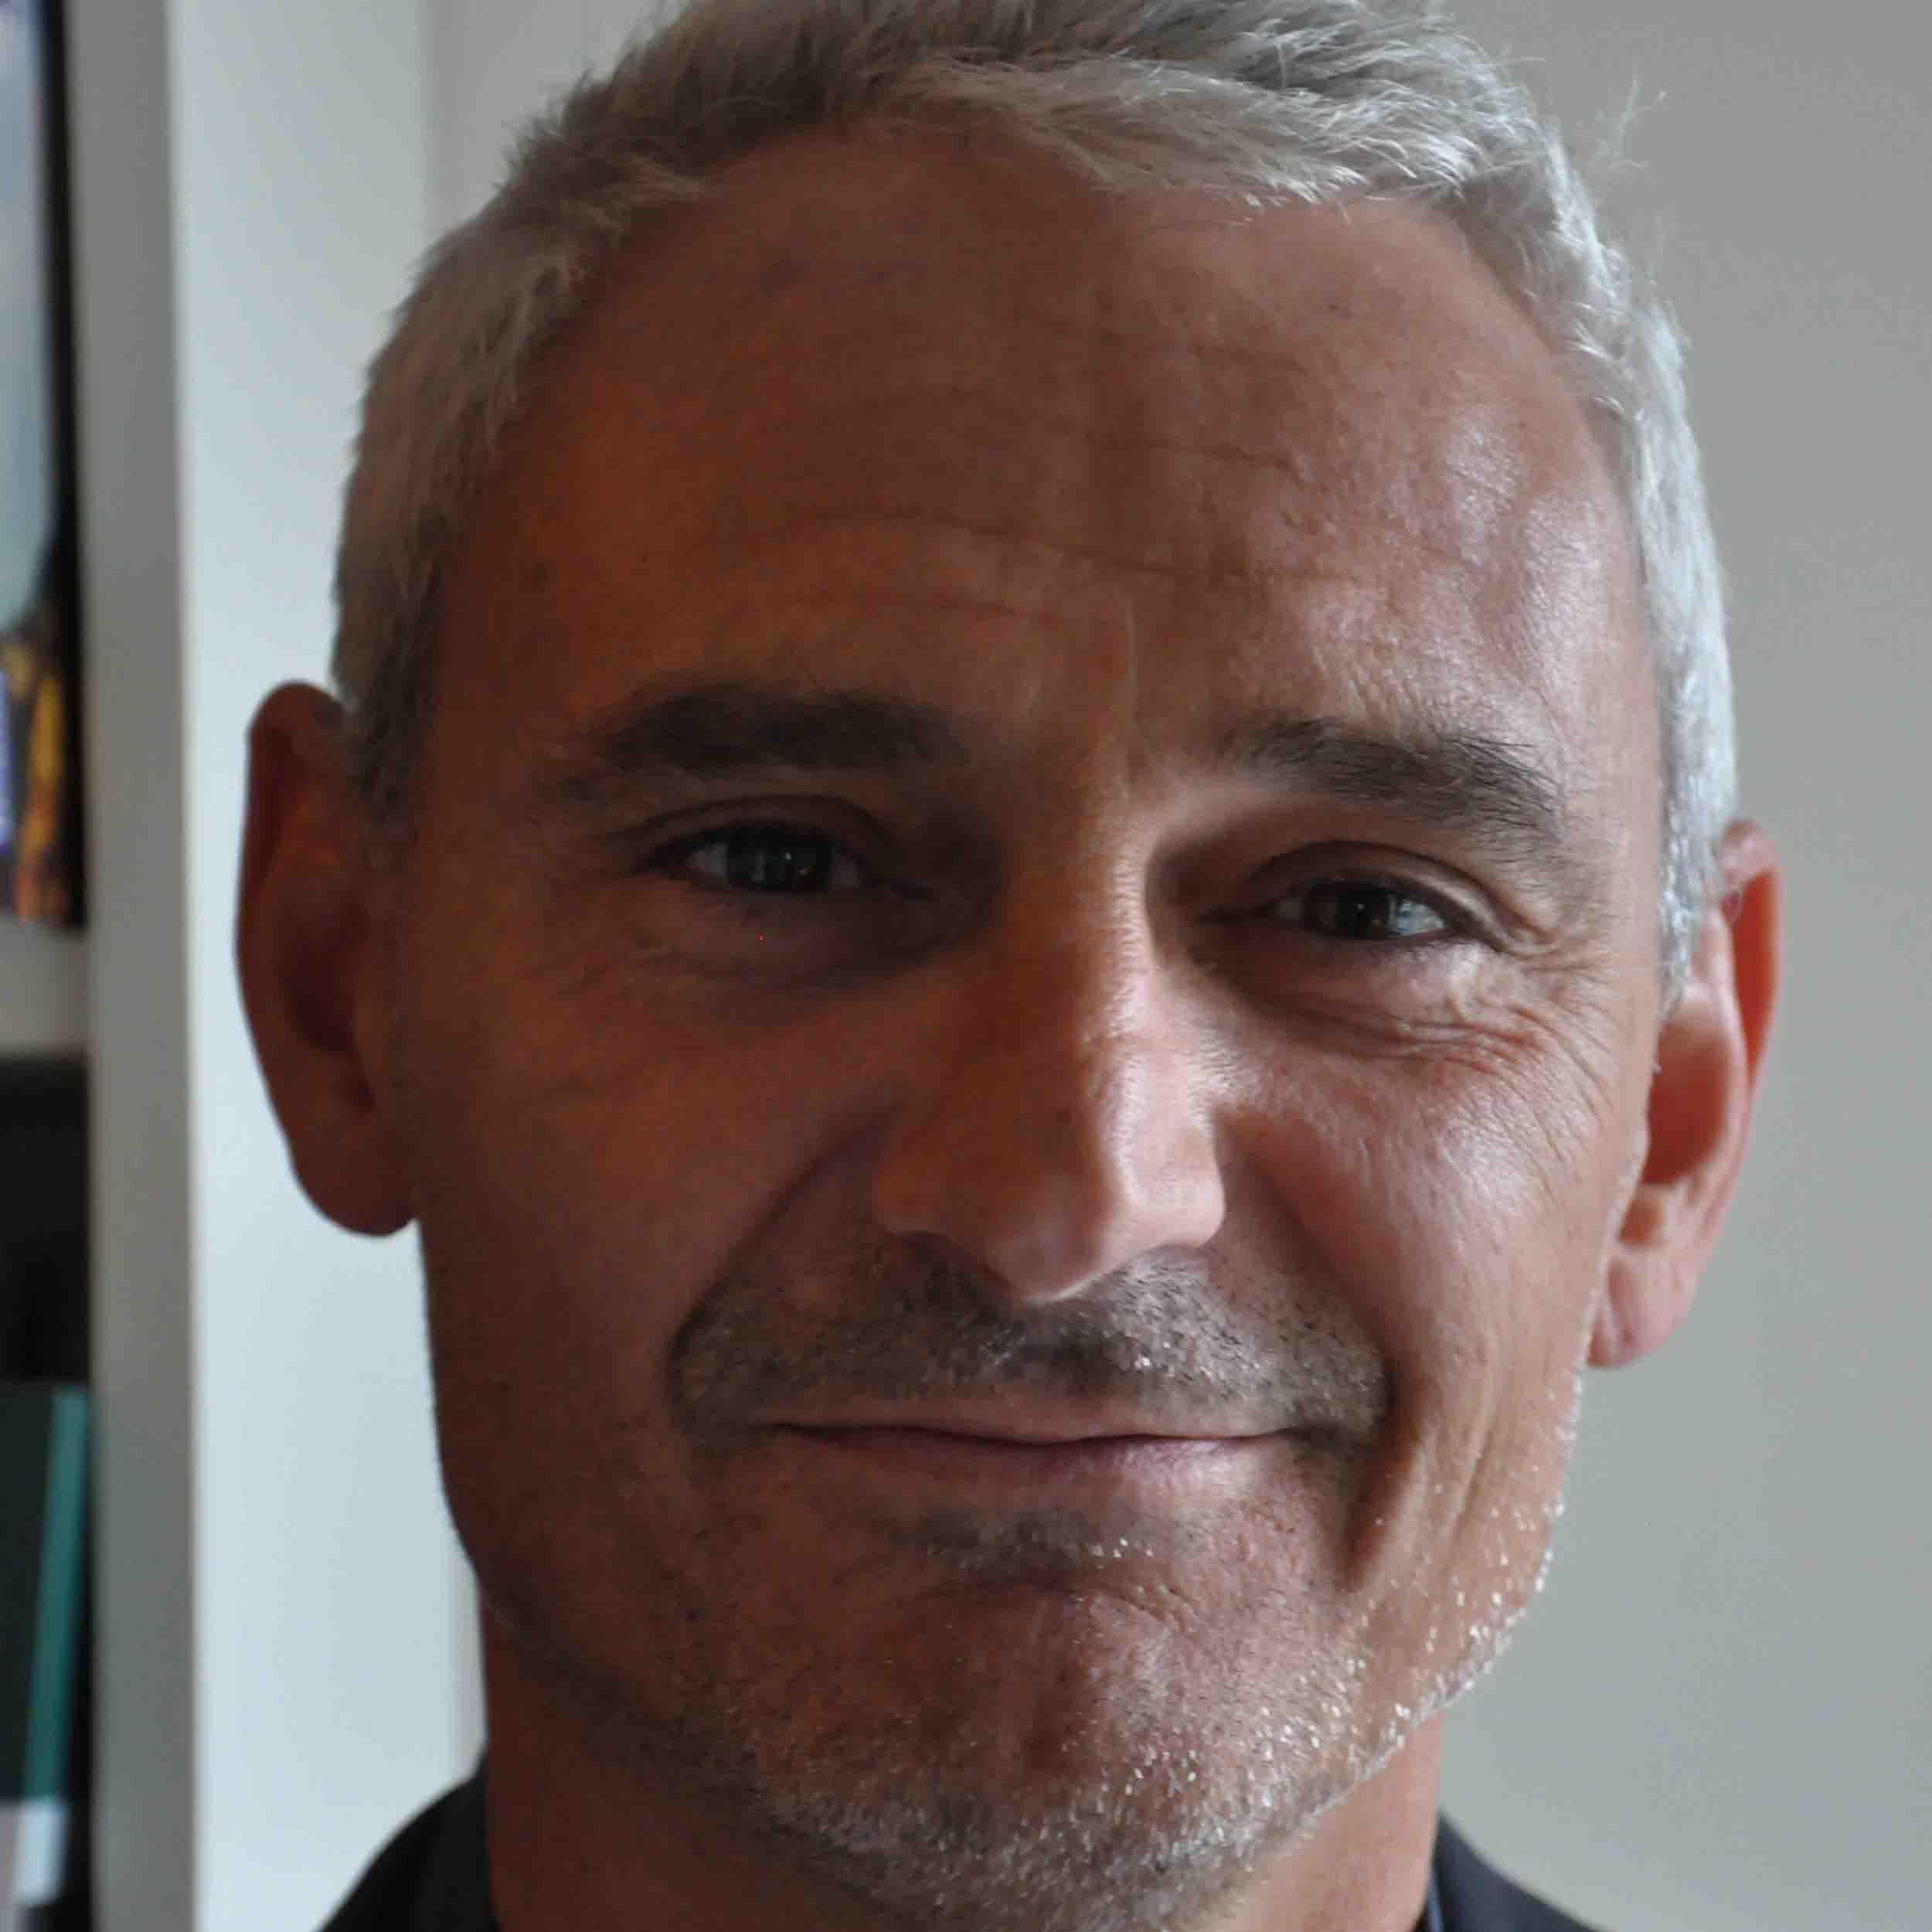 MICHEL WELTERLIN